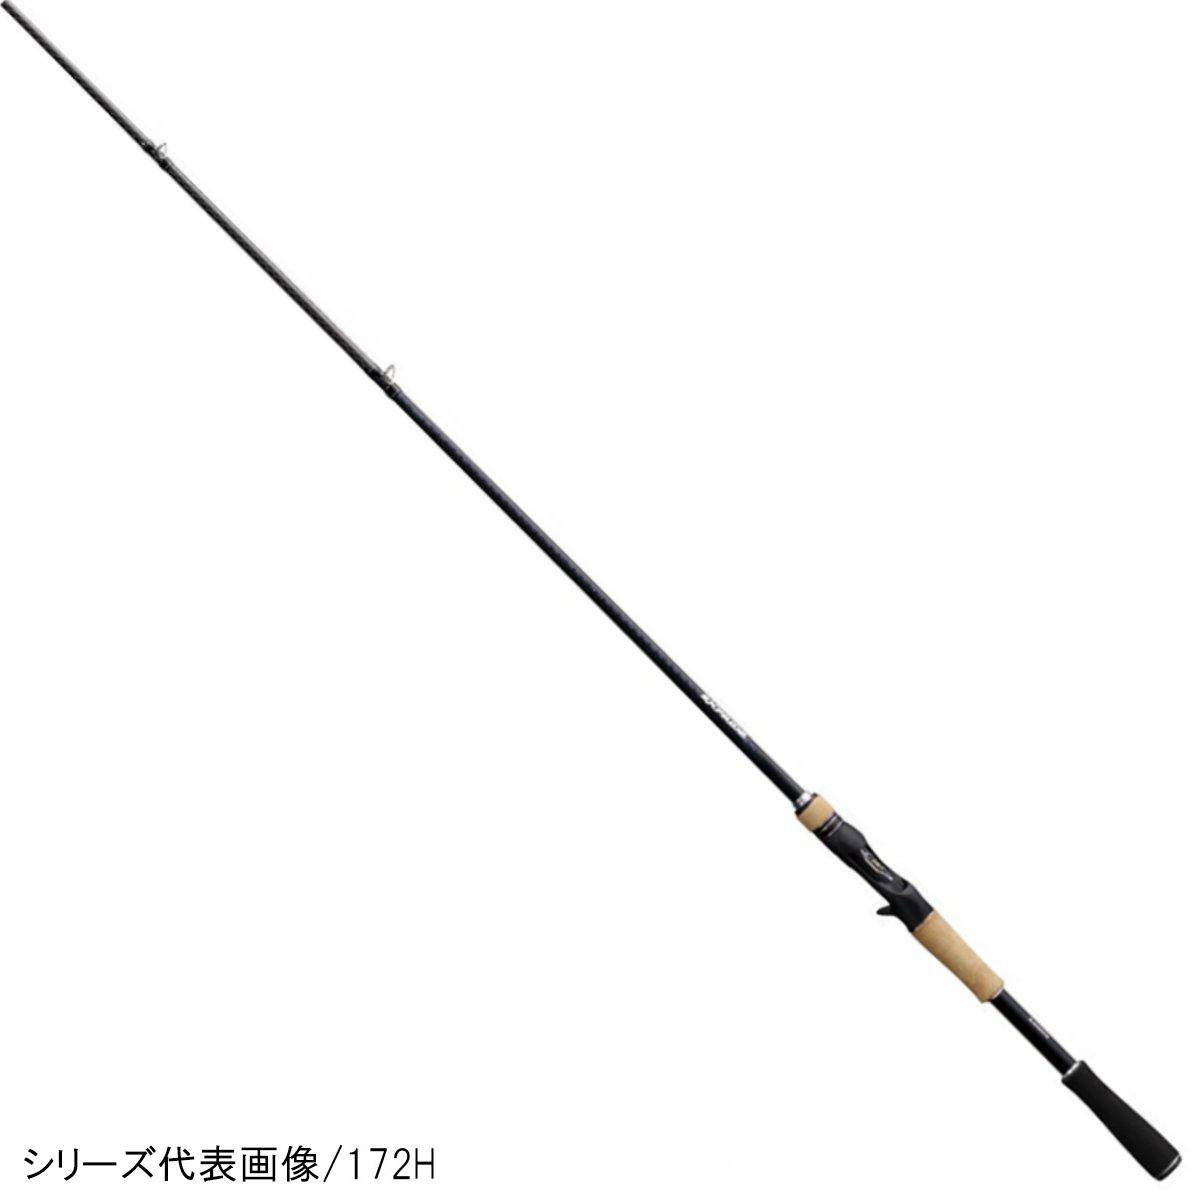 シマノ エクスプライド 164L-BFS/2